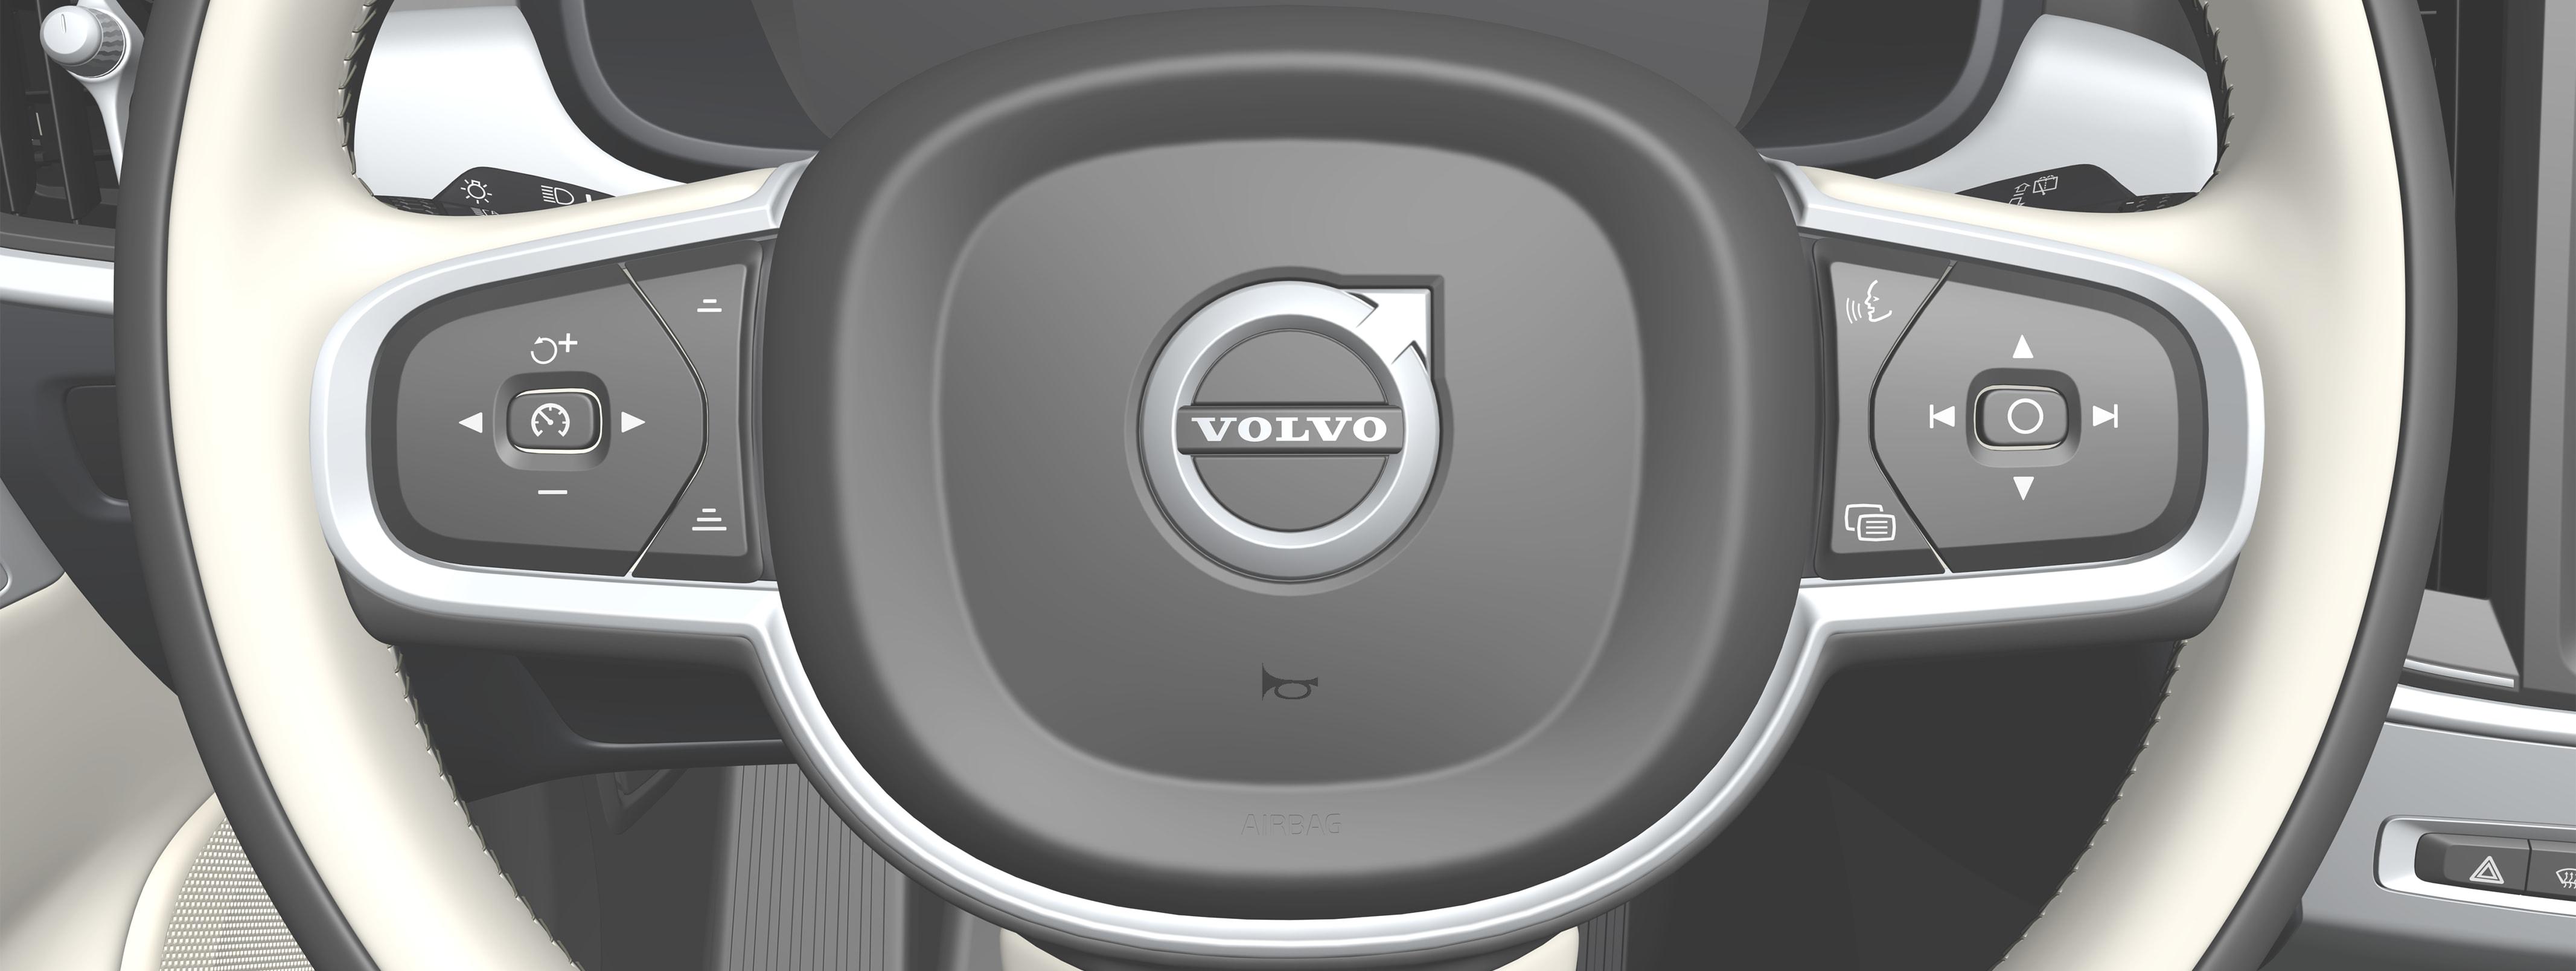 P5-1817-S90-V90-Horn, steering wheel